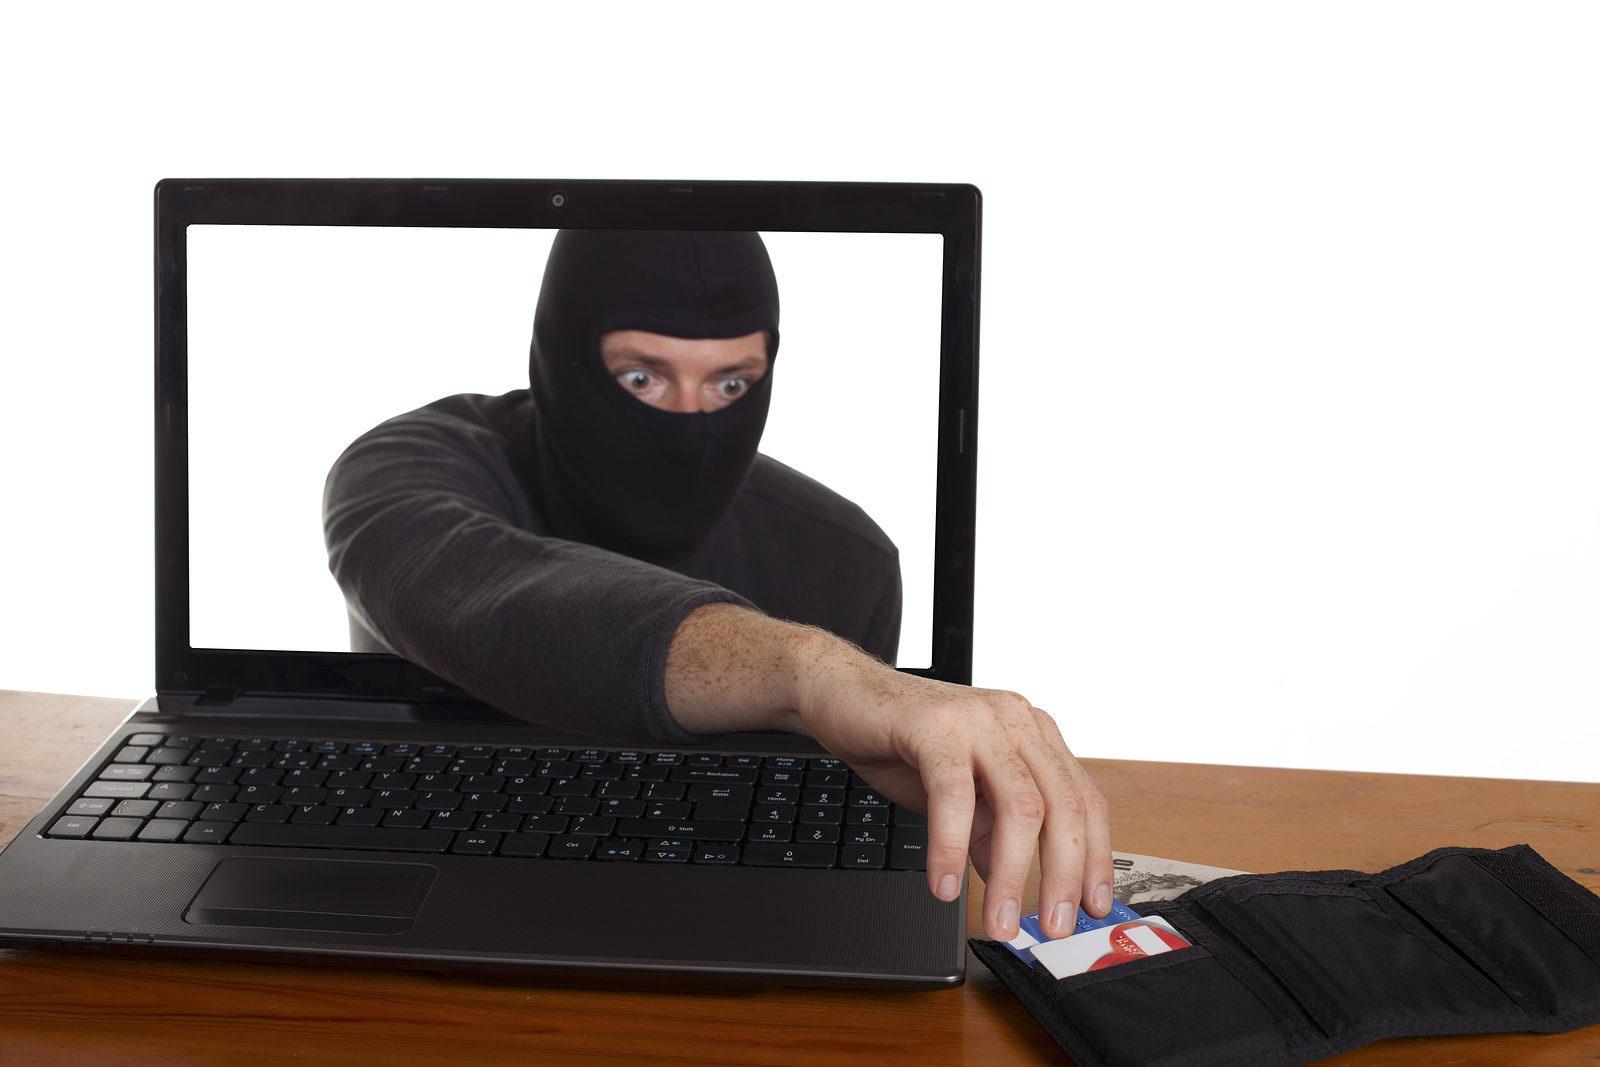 В Твери мужчину обманули интернет-мошенники